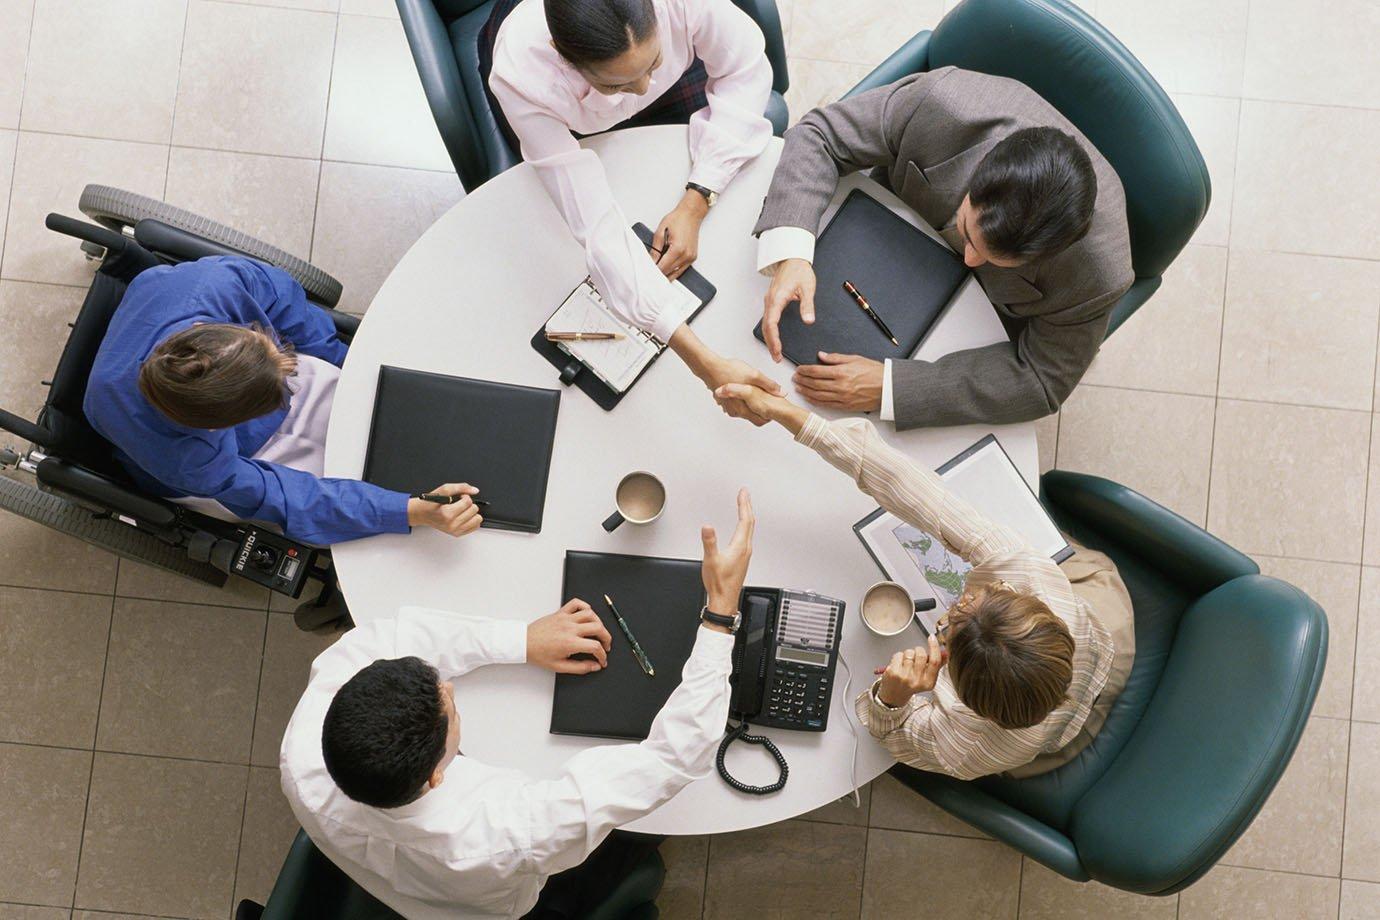 Reunião de negócios/de equipe